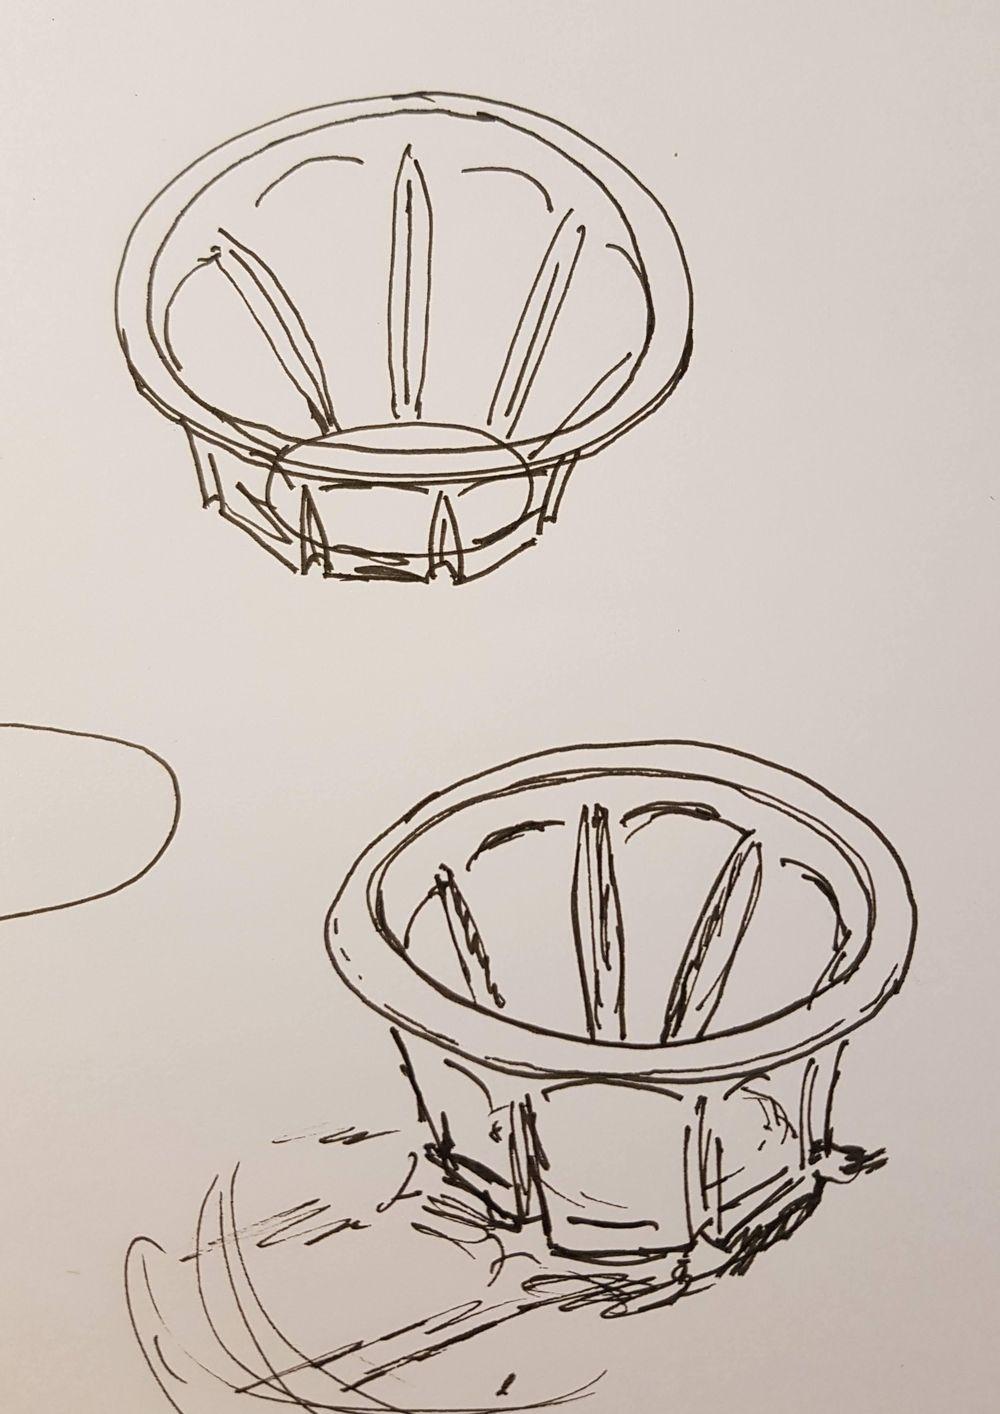 Daglig 6 min 14 dager tegnetrening - image 22 - student project